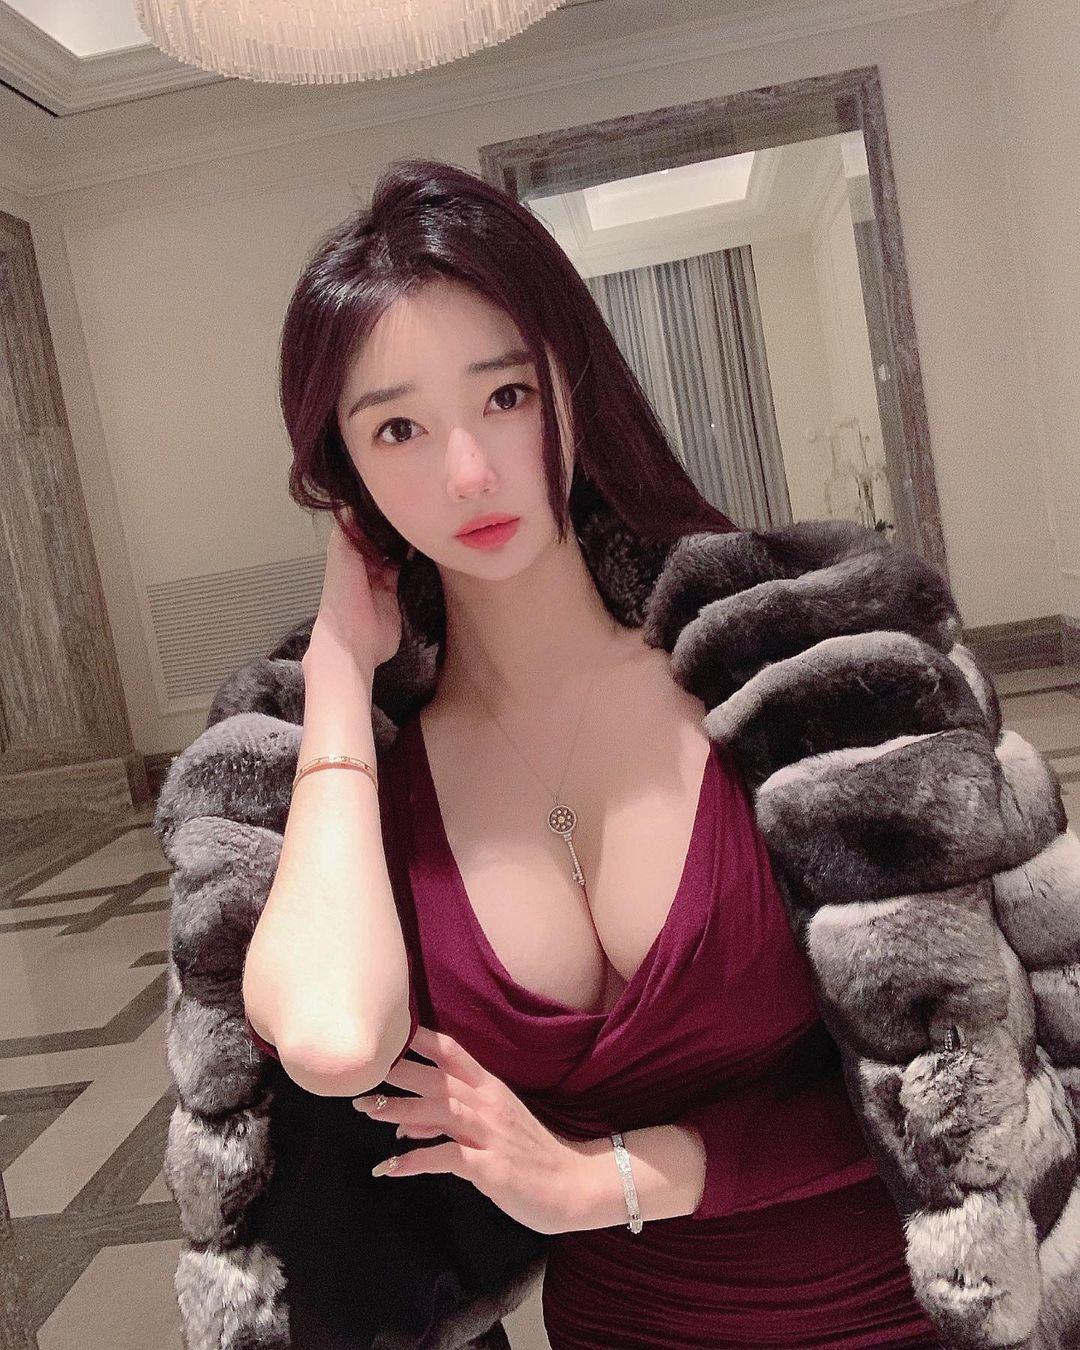 Nữ giám đốc Hàn Quốc diện đồ công sở cũng gợi cảm nhờ vòng 1 đẹp đầy đặn - hình ảnh 10